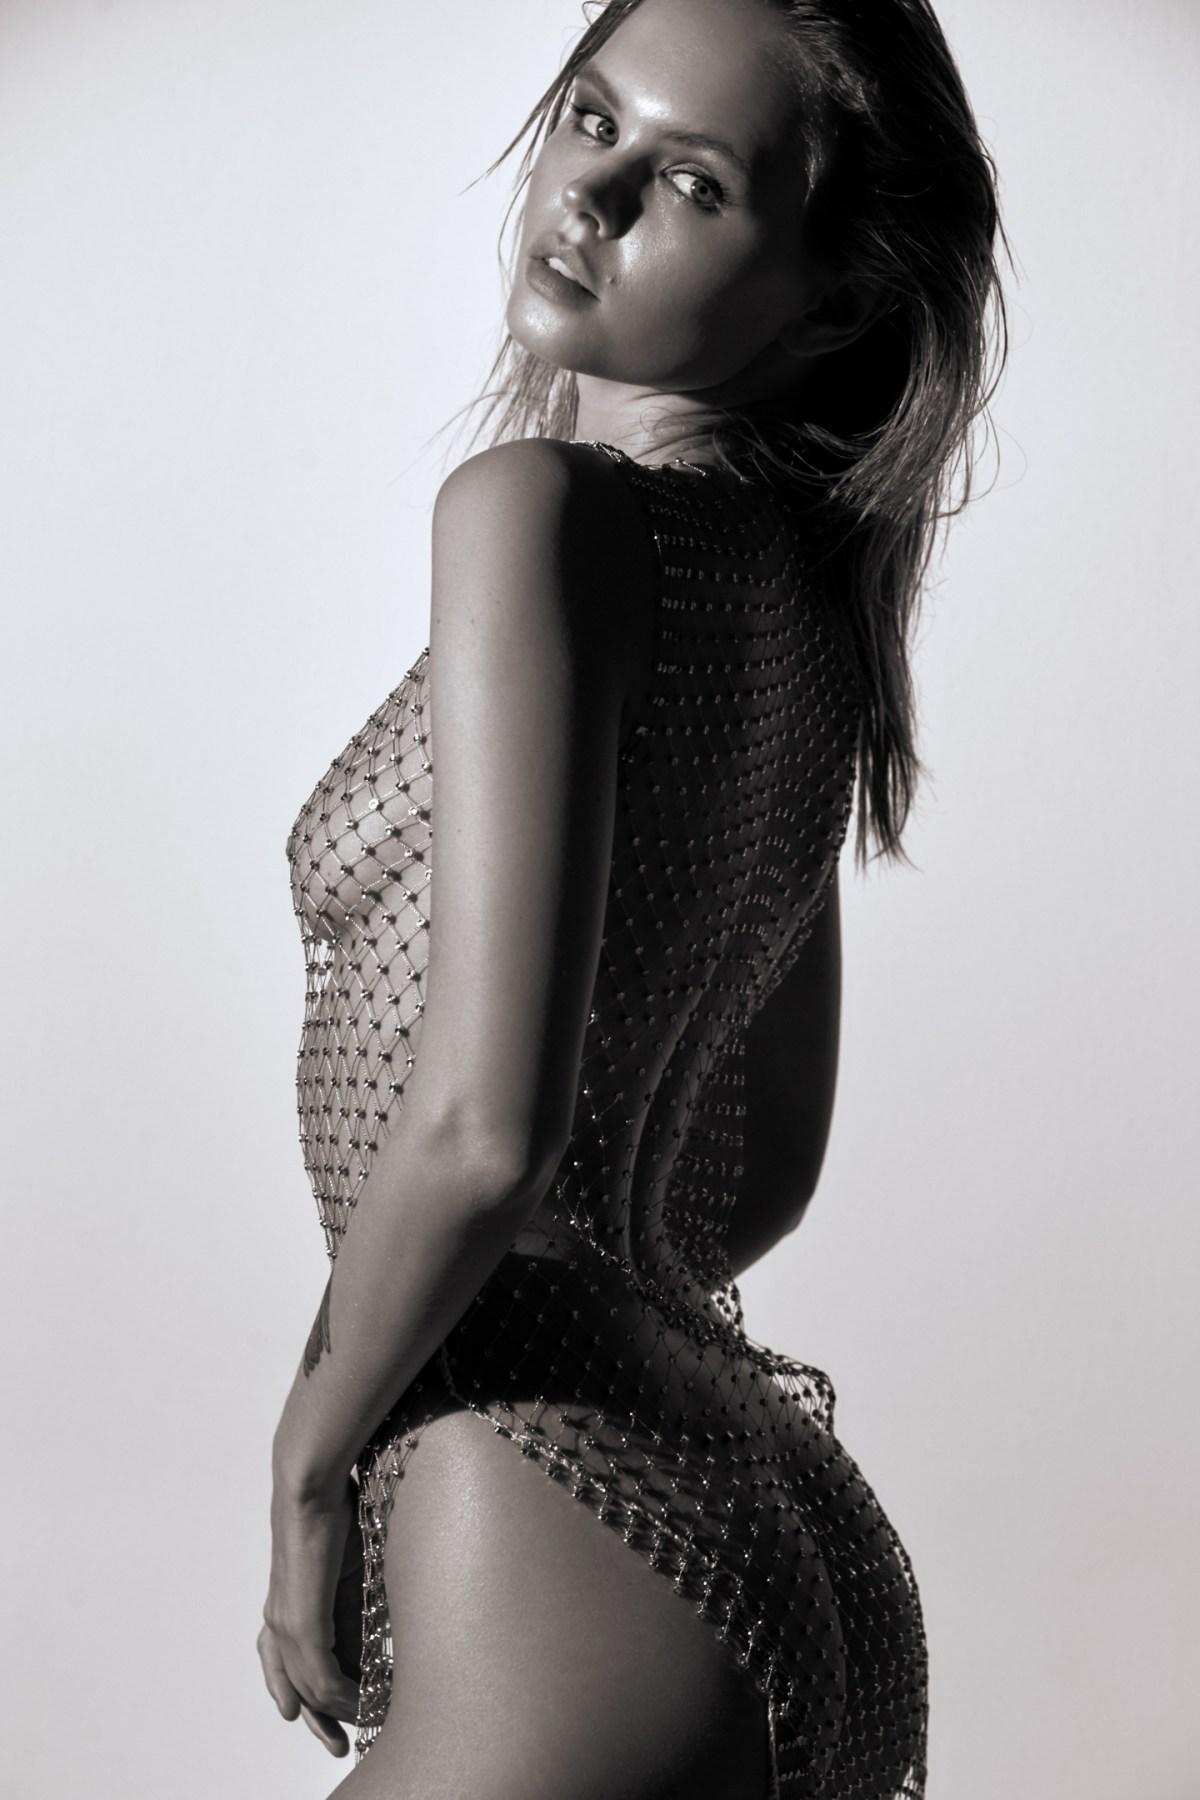 Anastasia Scheglova by Viktor Korneev